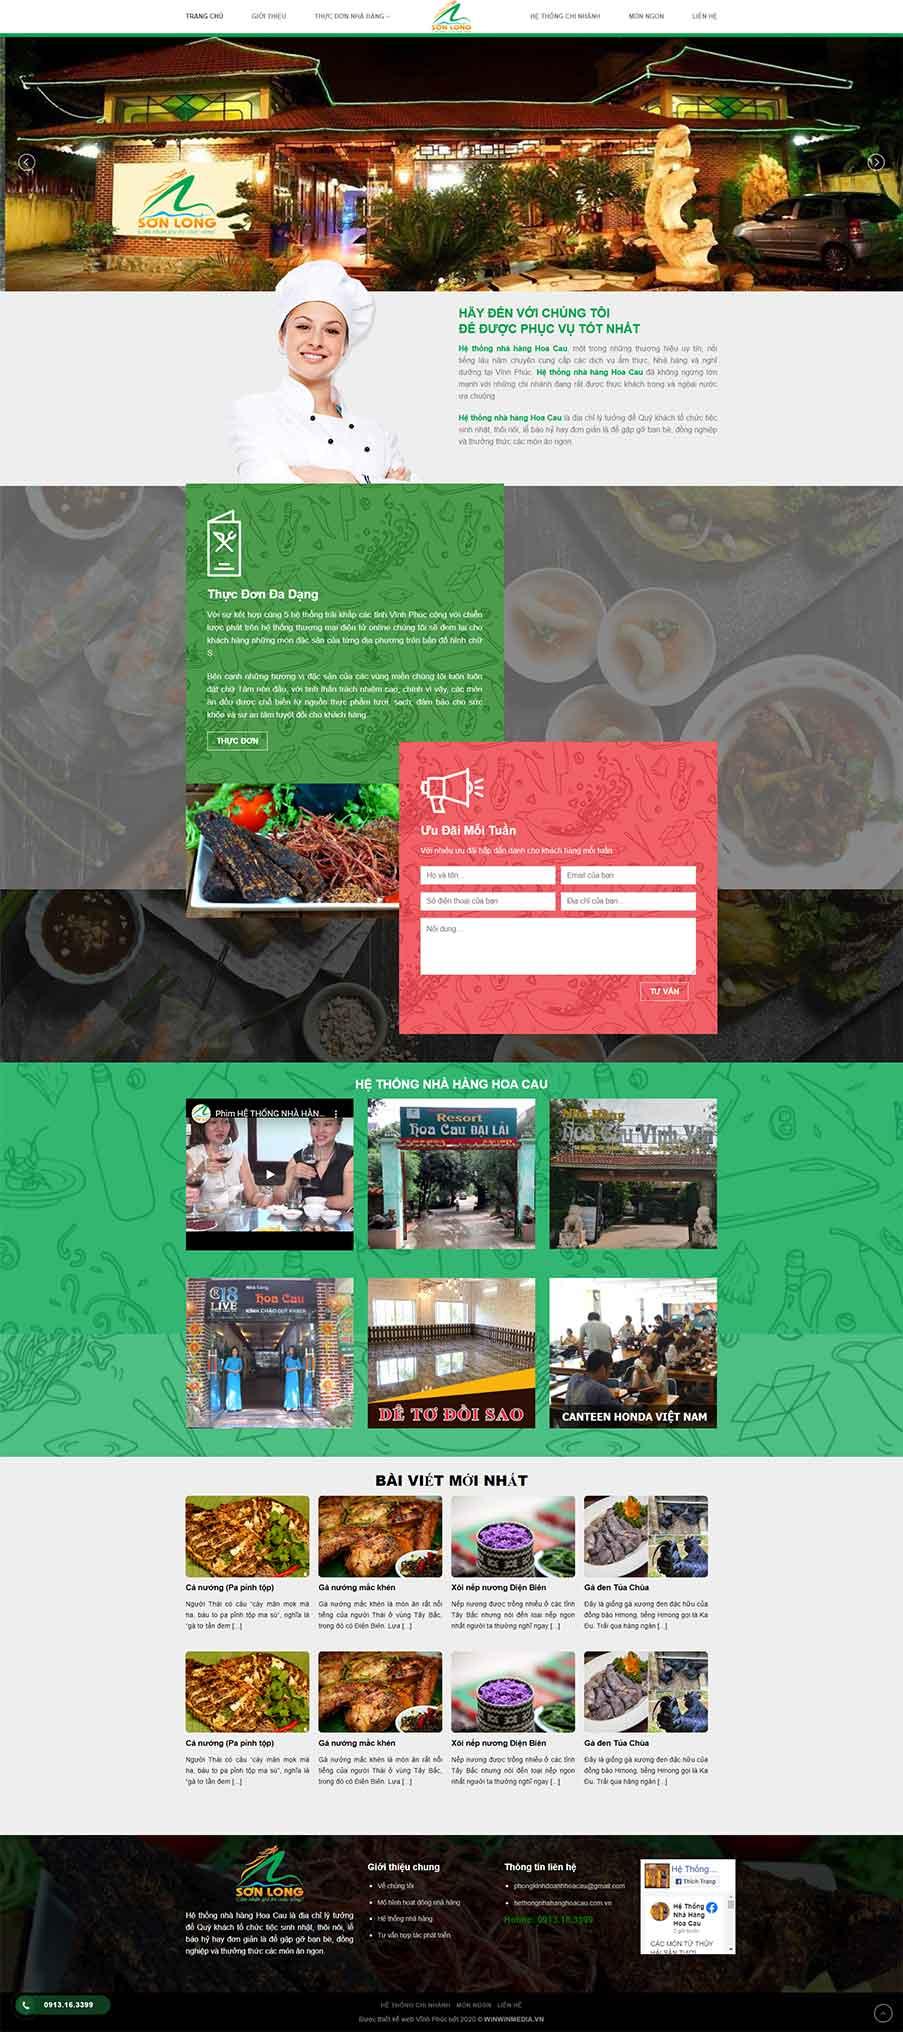 Giao diện web hệ thống nhà hàng Hoa Cau